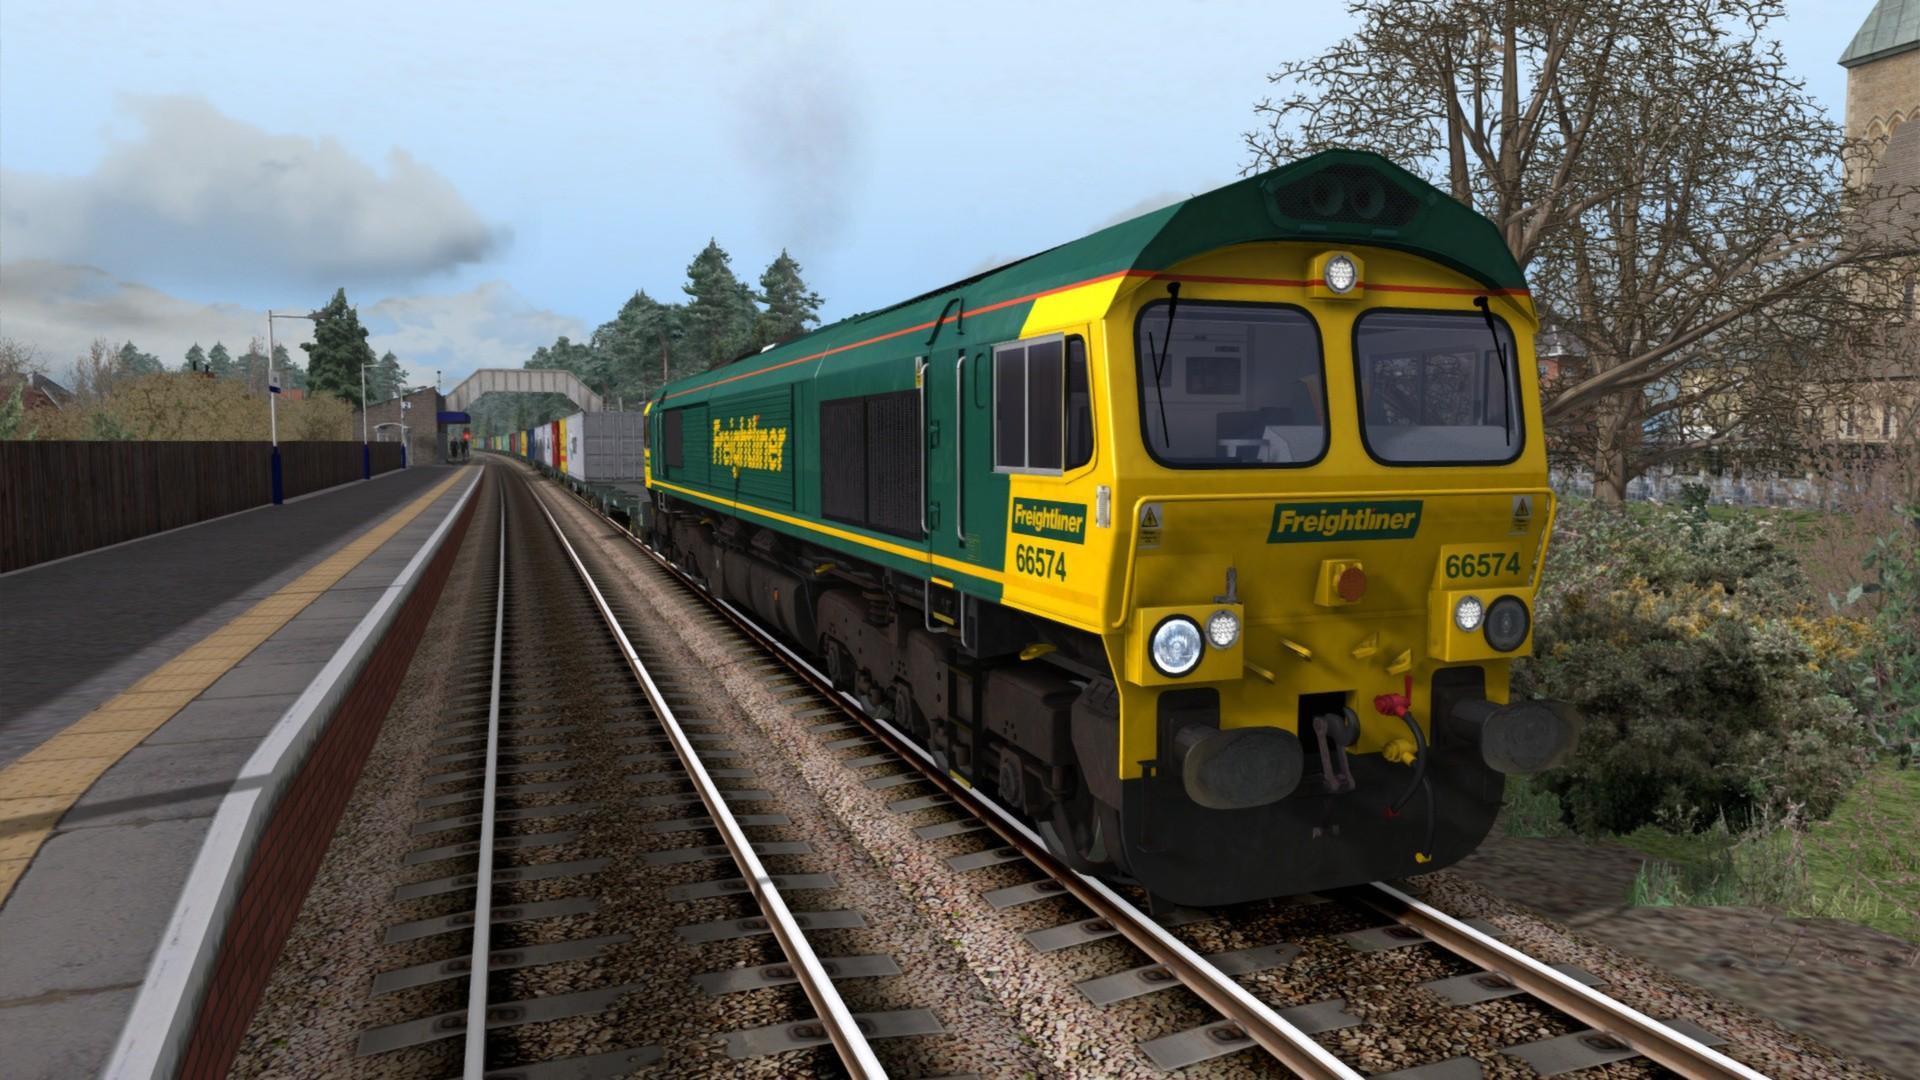 Train Simulator: Freightliner Class 66 v2 0 Loco Add-On